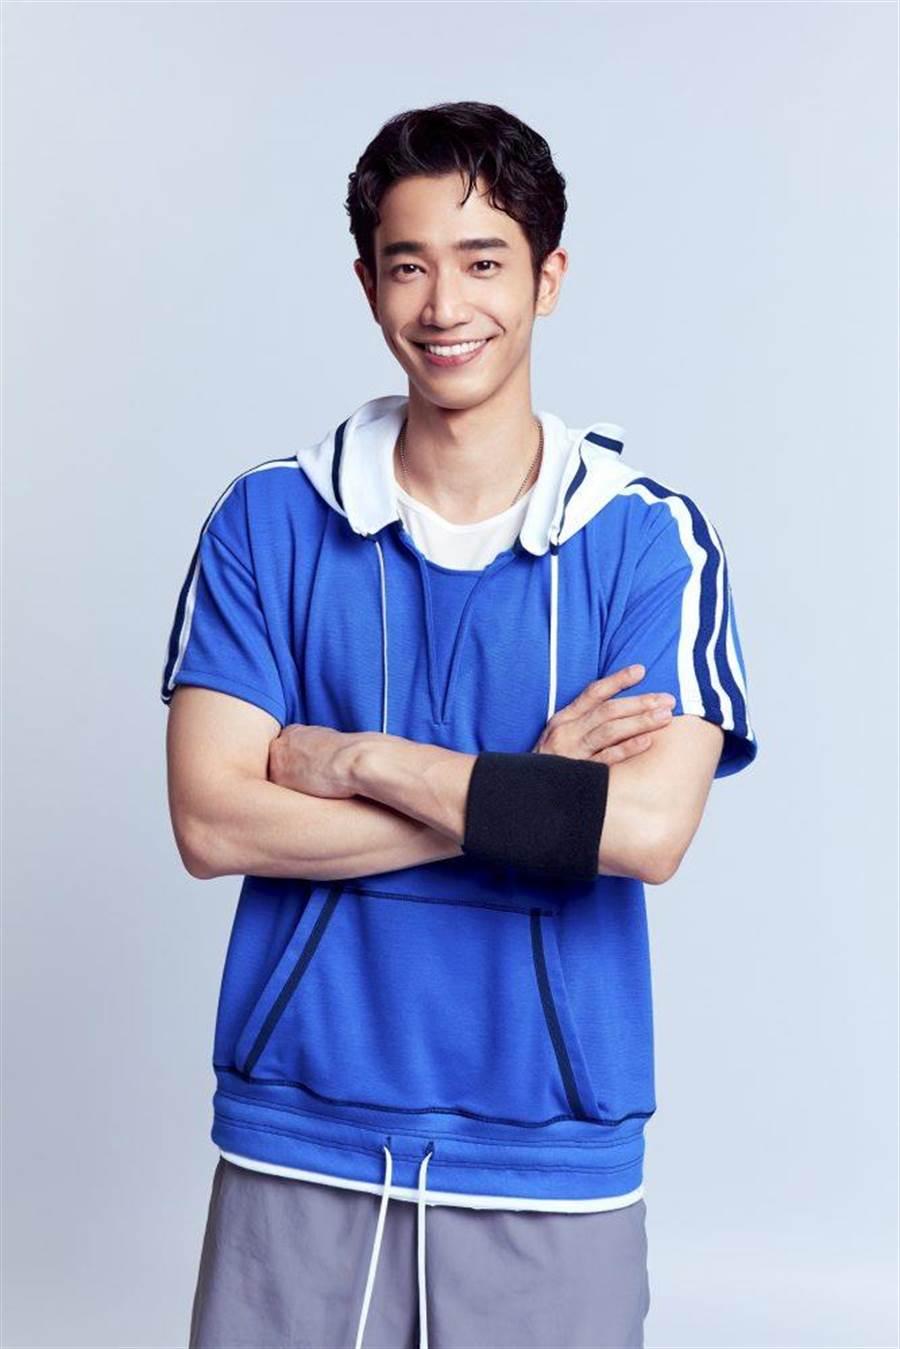 劉以豪25歲因僵直性脊椎炎而放棄打球。(劉以豪經紀公司提供)